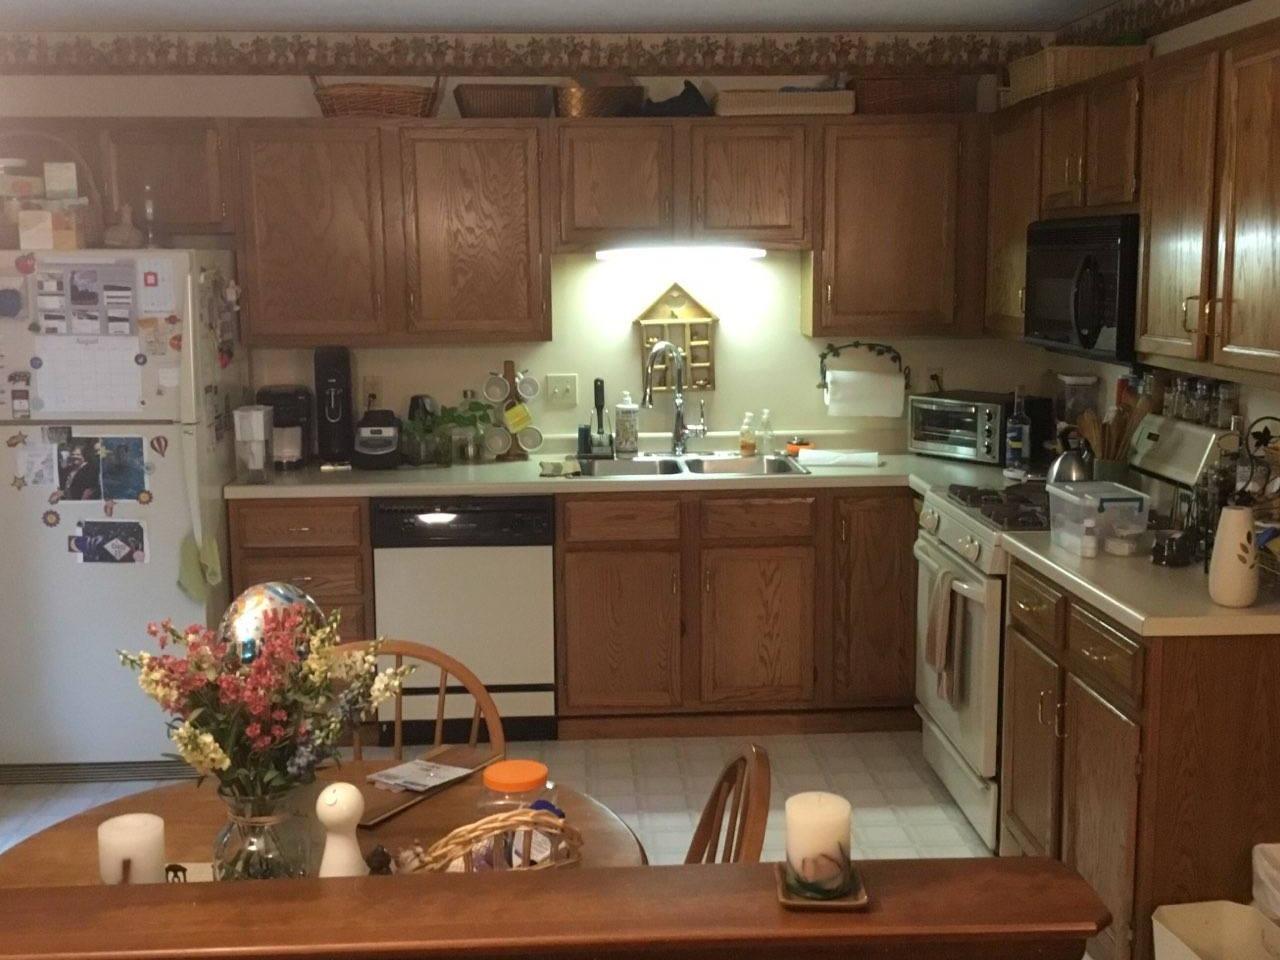 Carol N., Wexford - Full kitchen remodel - Before Photo